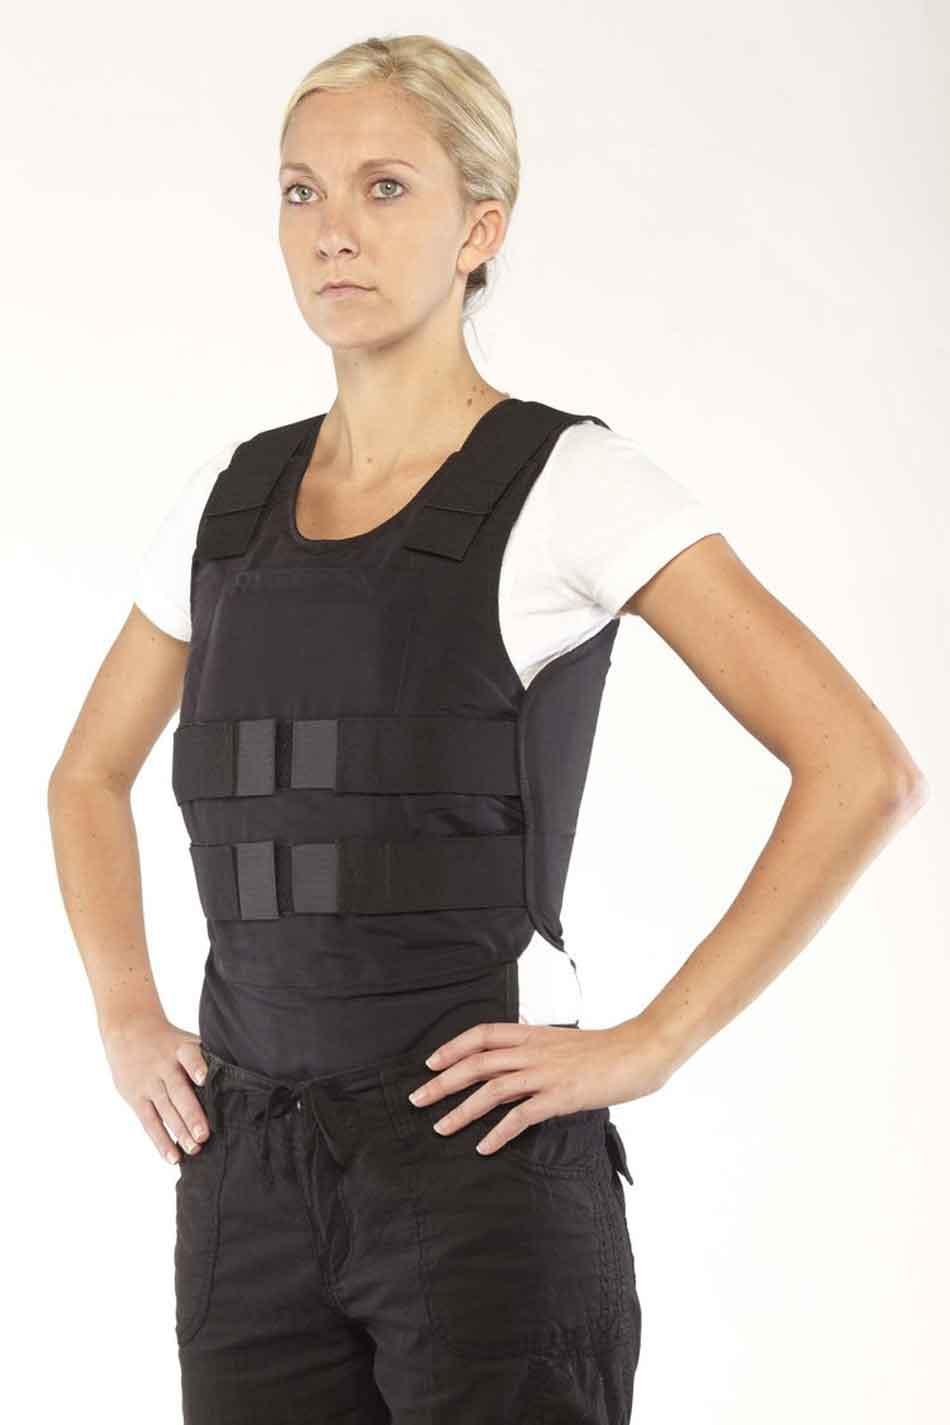 a female wearing a bulletproof vest